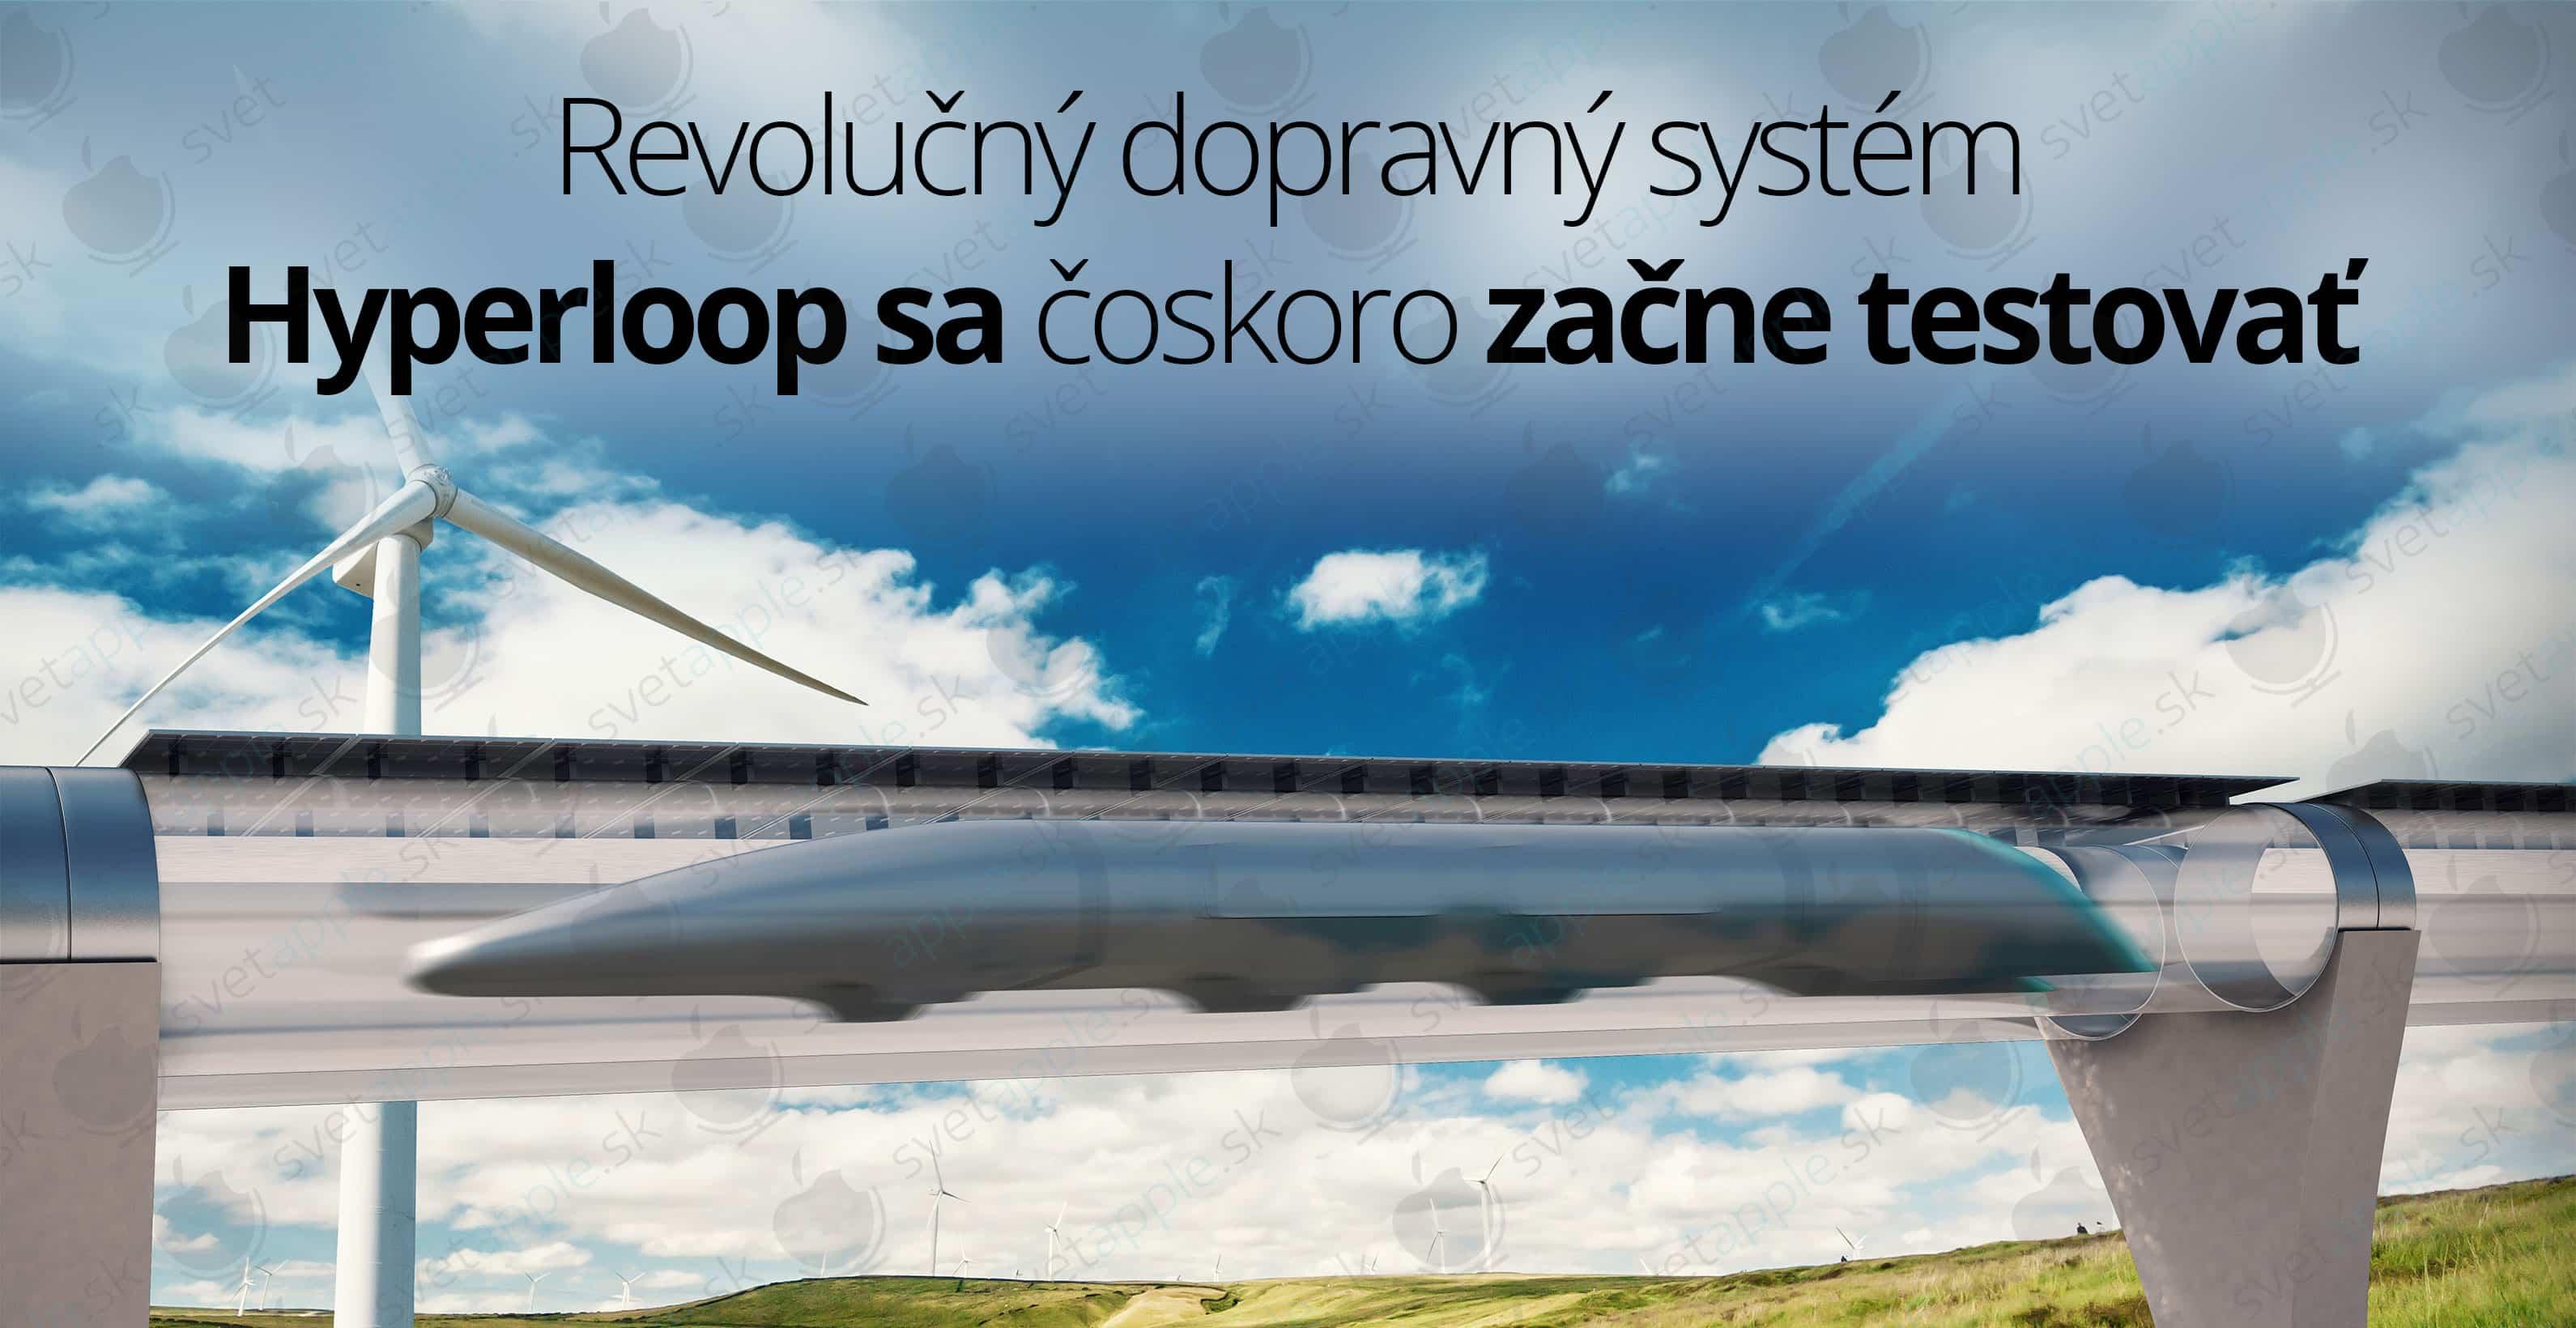 hyperloop--titulná-fotografia---SvetApple